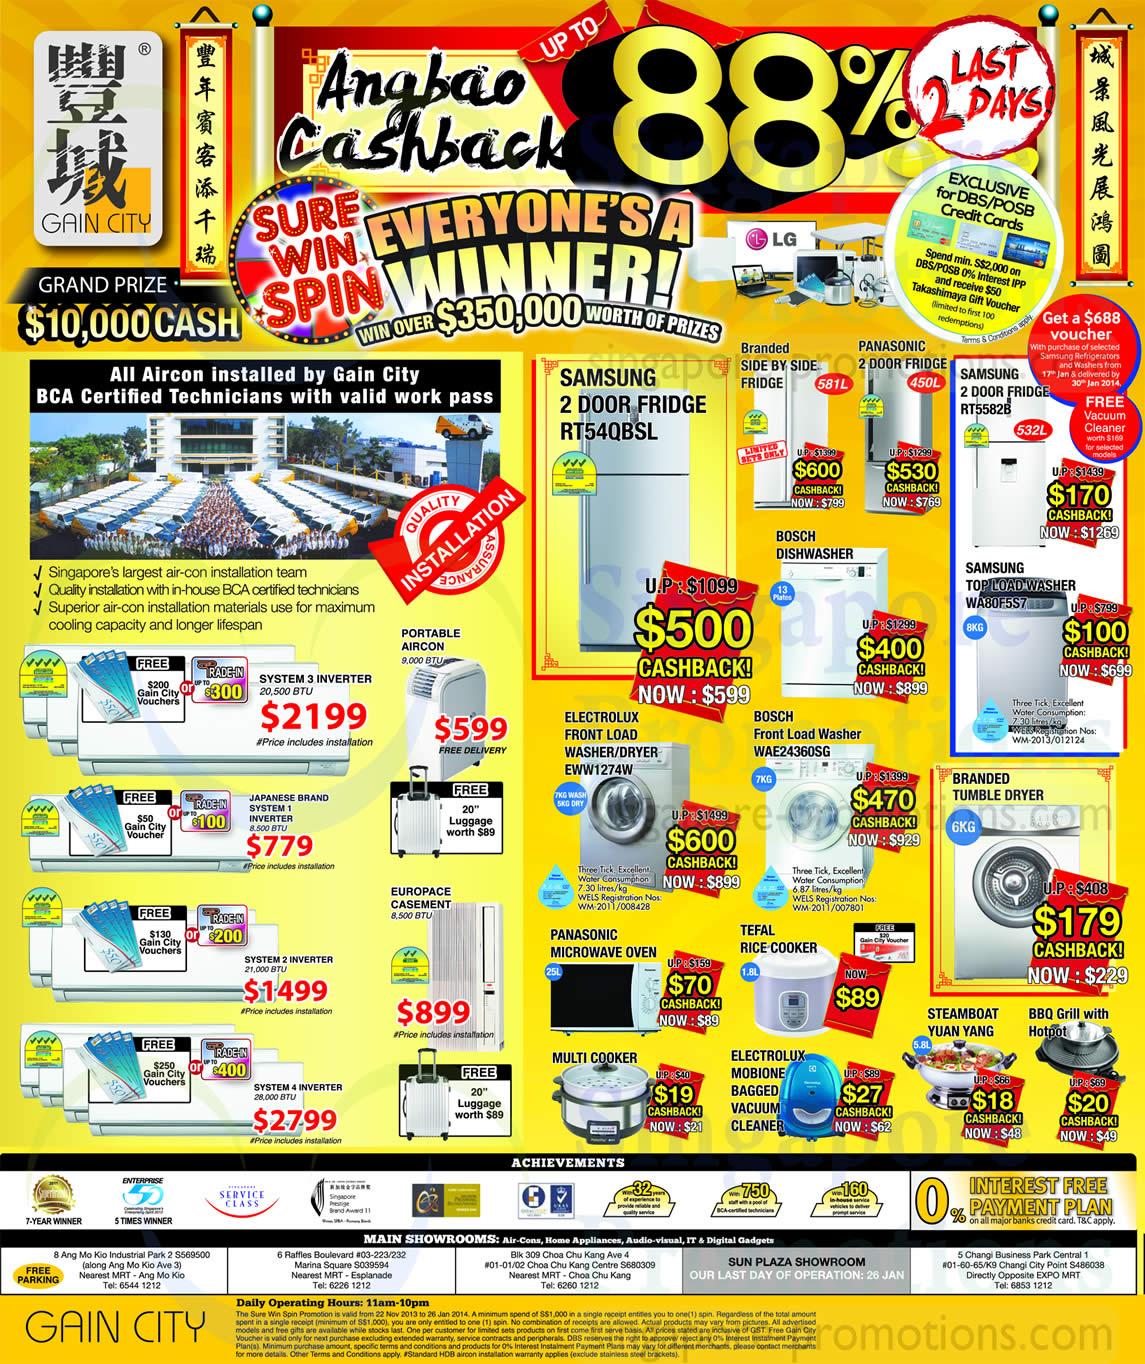 Samsung RT54QBSL Fridge, Samsung RT5582B Fridge, Samsung WA80F5S7 Washer, Electrolux EWW1274W Washer, Bosch WAE24360SG Washer